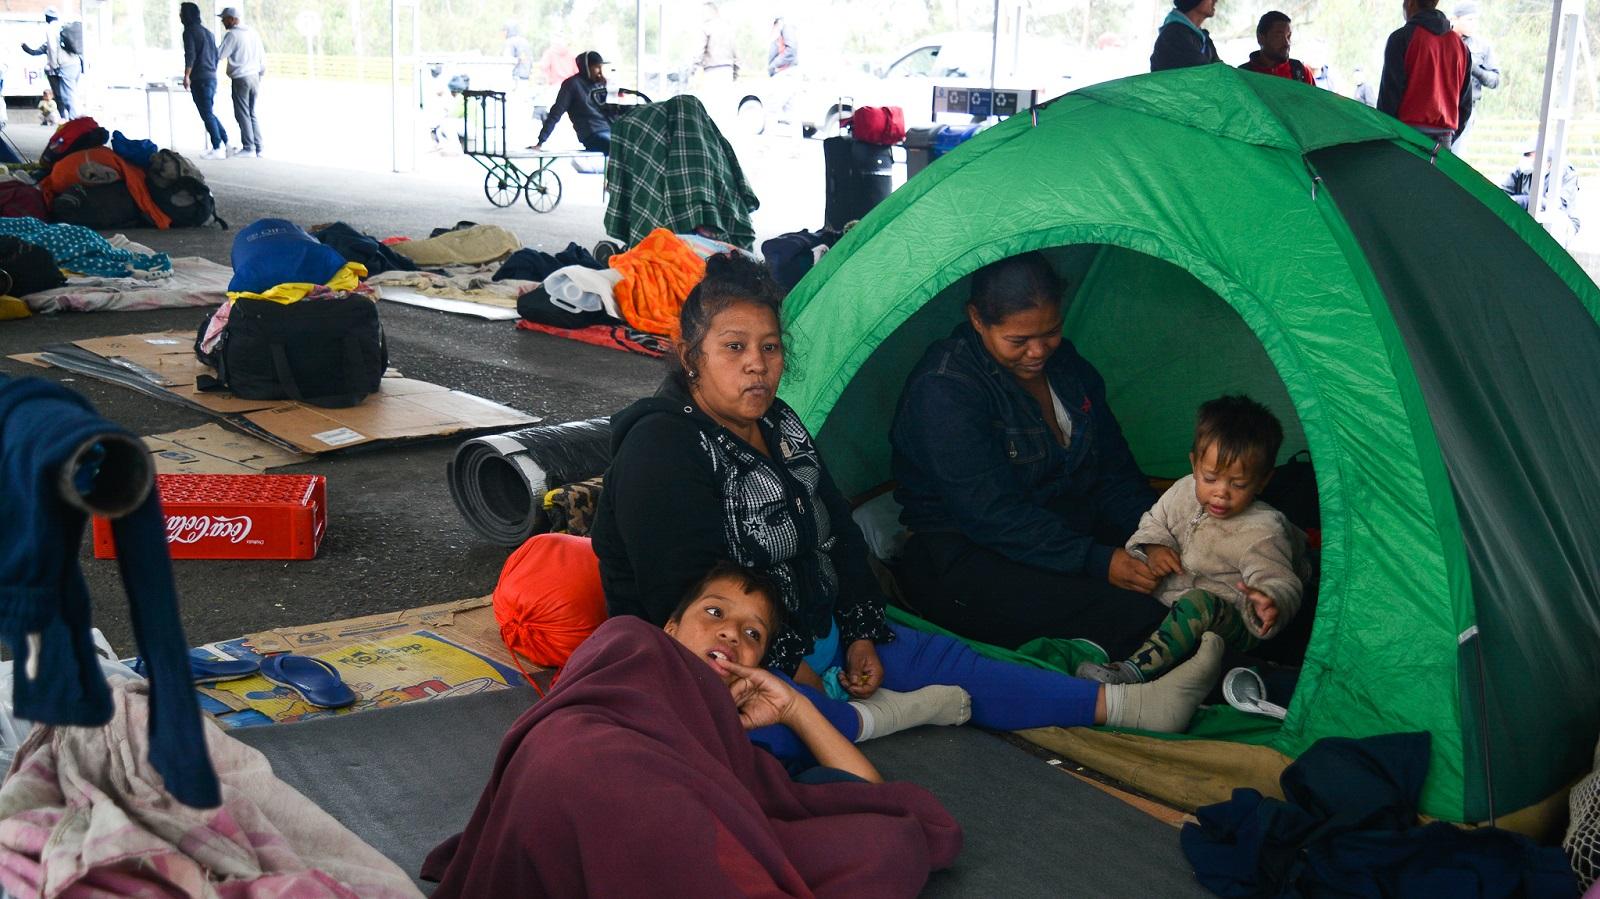 La ONU advierte que la situación de los migrantes venezolanos empeorará en 2020